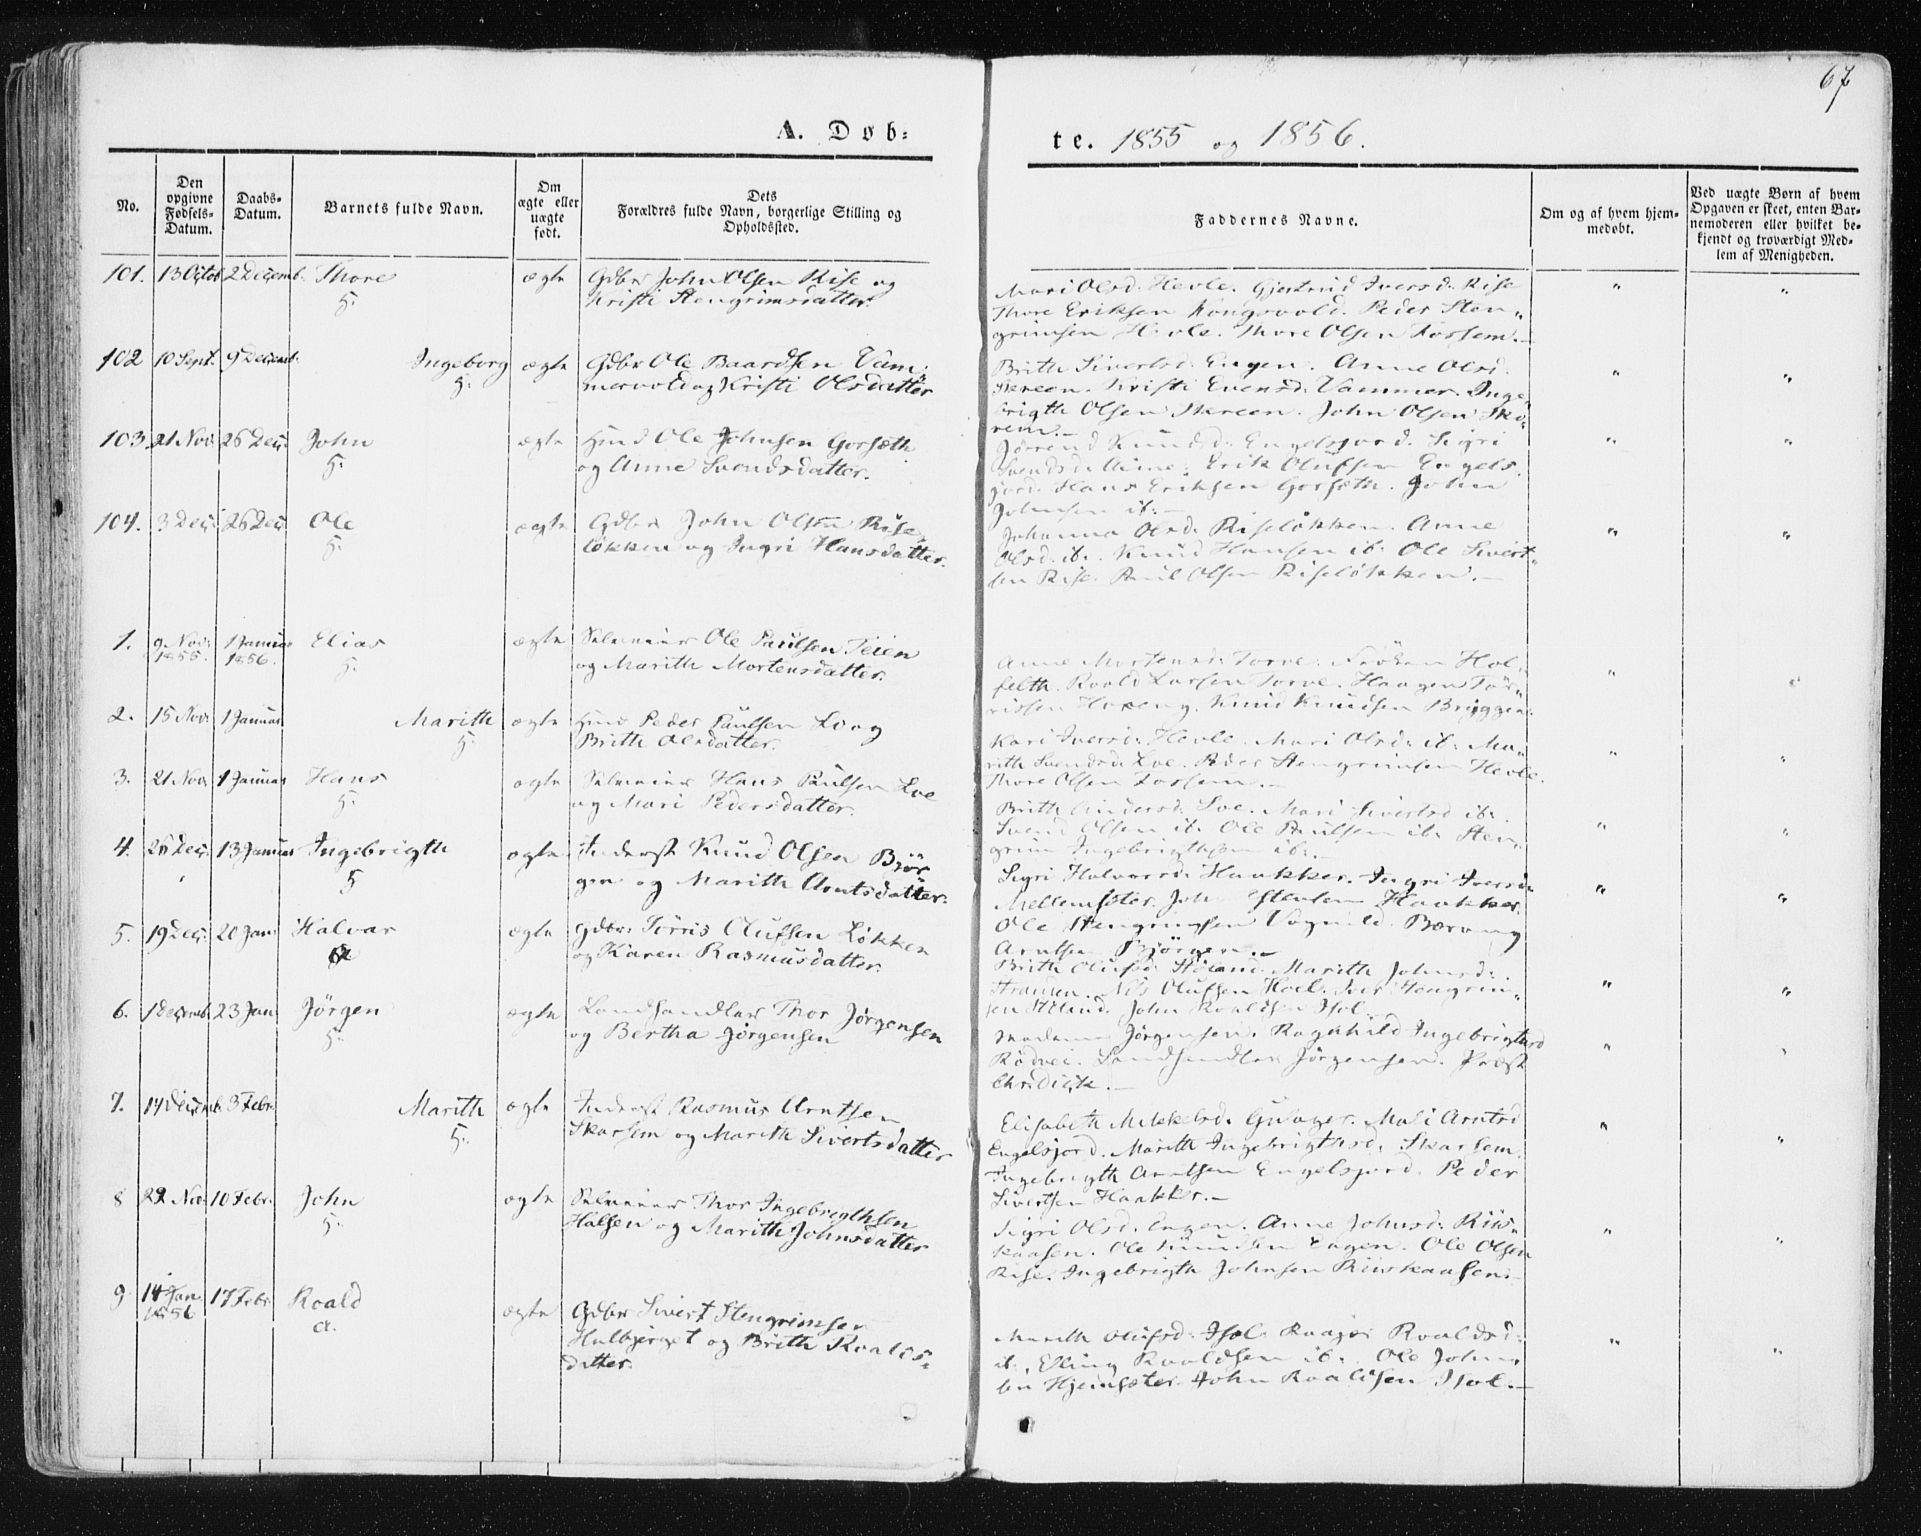 SAT, Ministerialprotokoller, klokkerbøker og fødselsregistre - Sør-Trøndelag, 678/L0899: Ministerialbok nr. 678A08, 1848-1872, s. 67